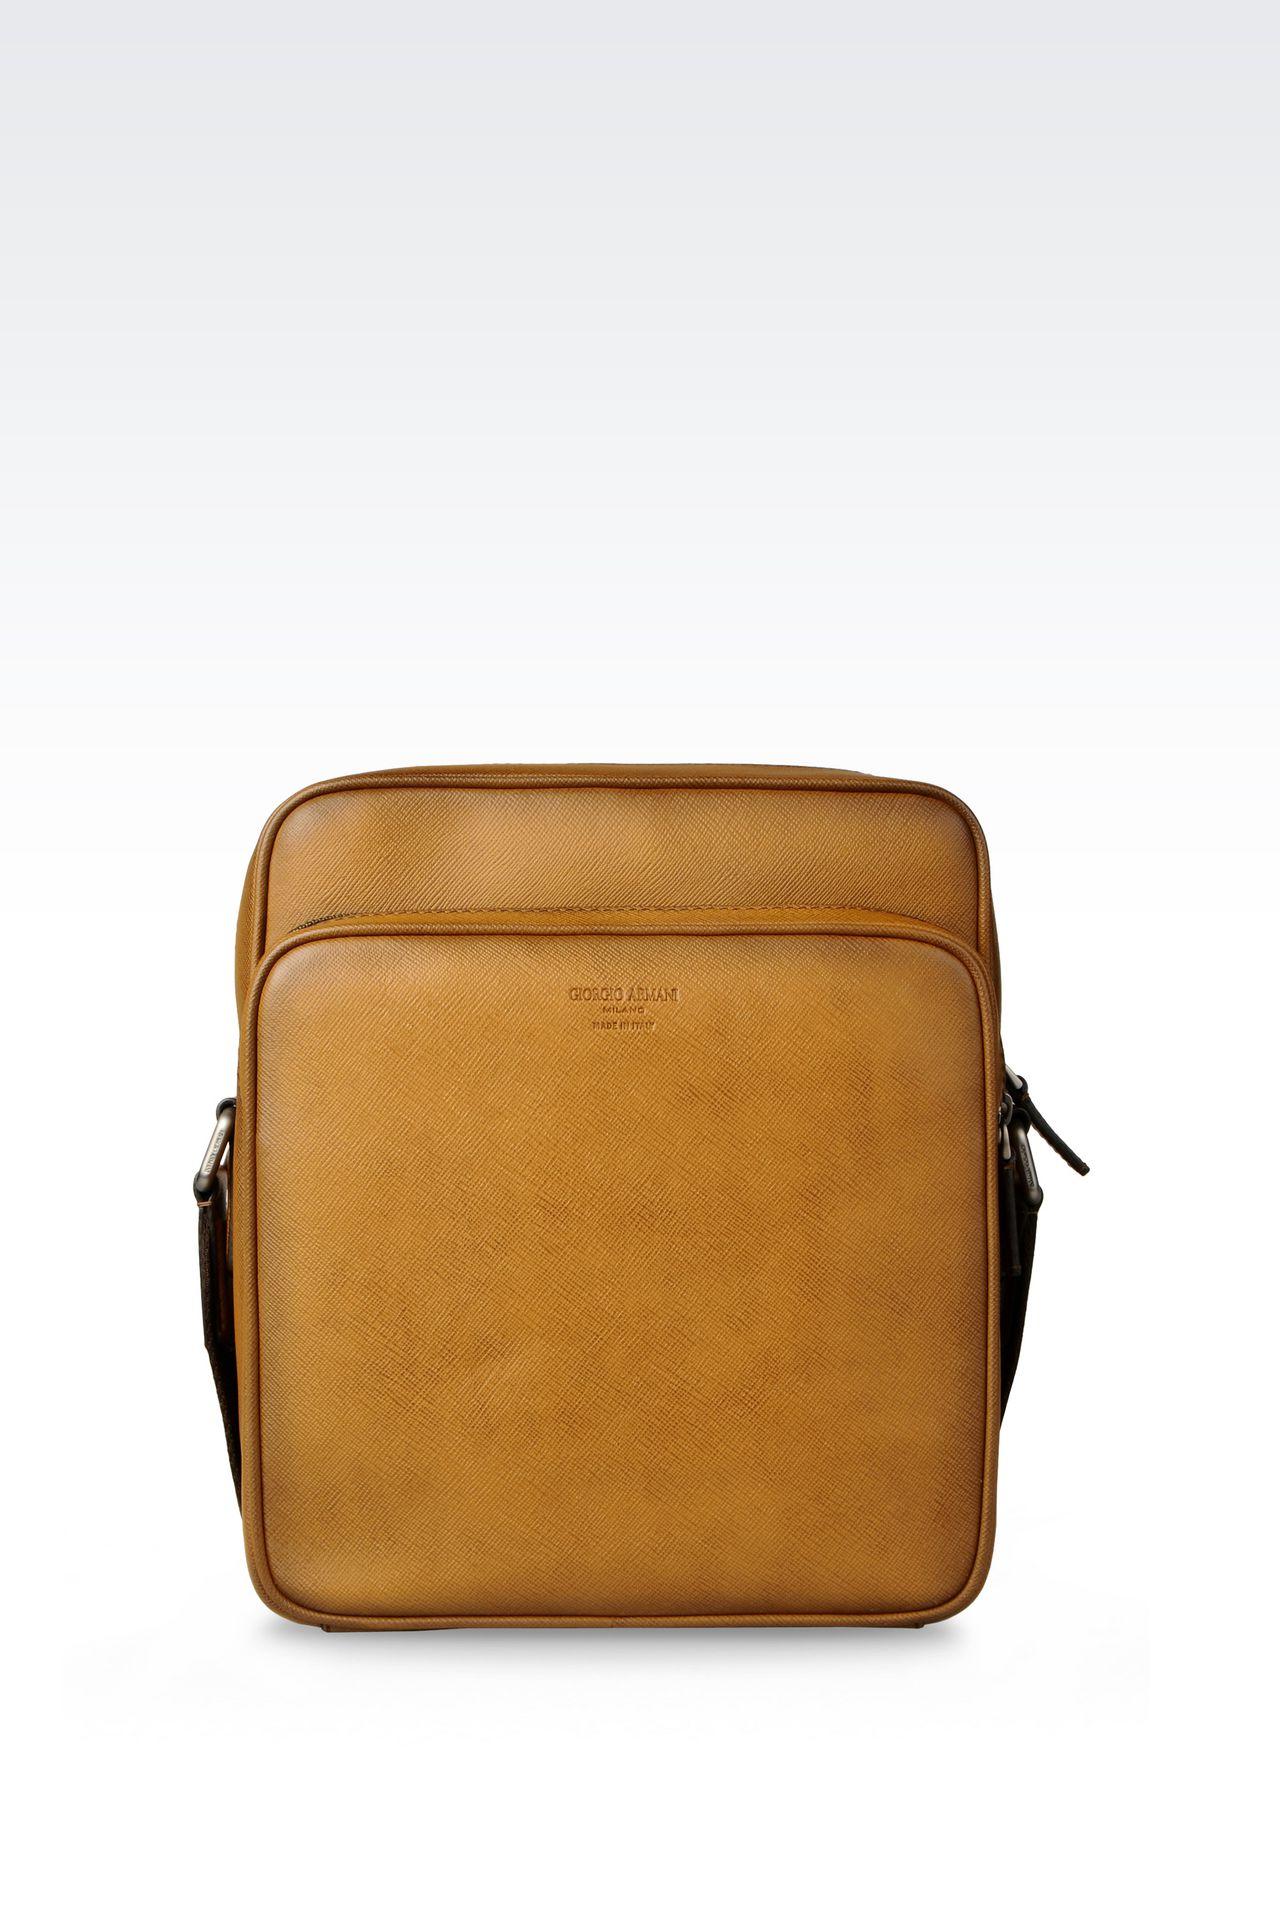 SHOULDER BAG IN BRUSHED SAFFIANO CALFSKIN: Messenger bags Men by Armani - 0